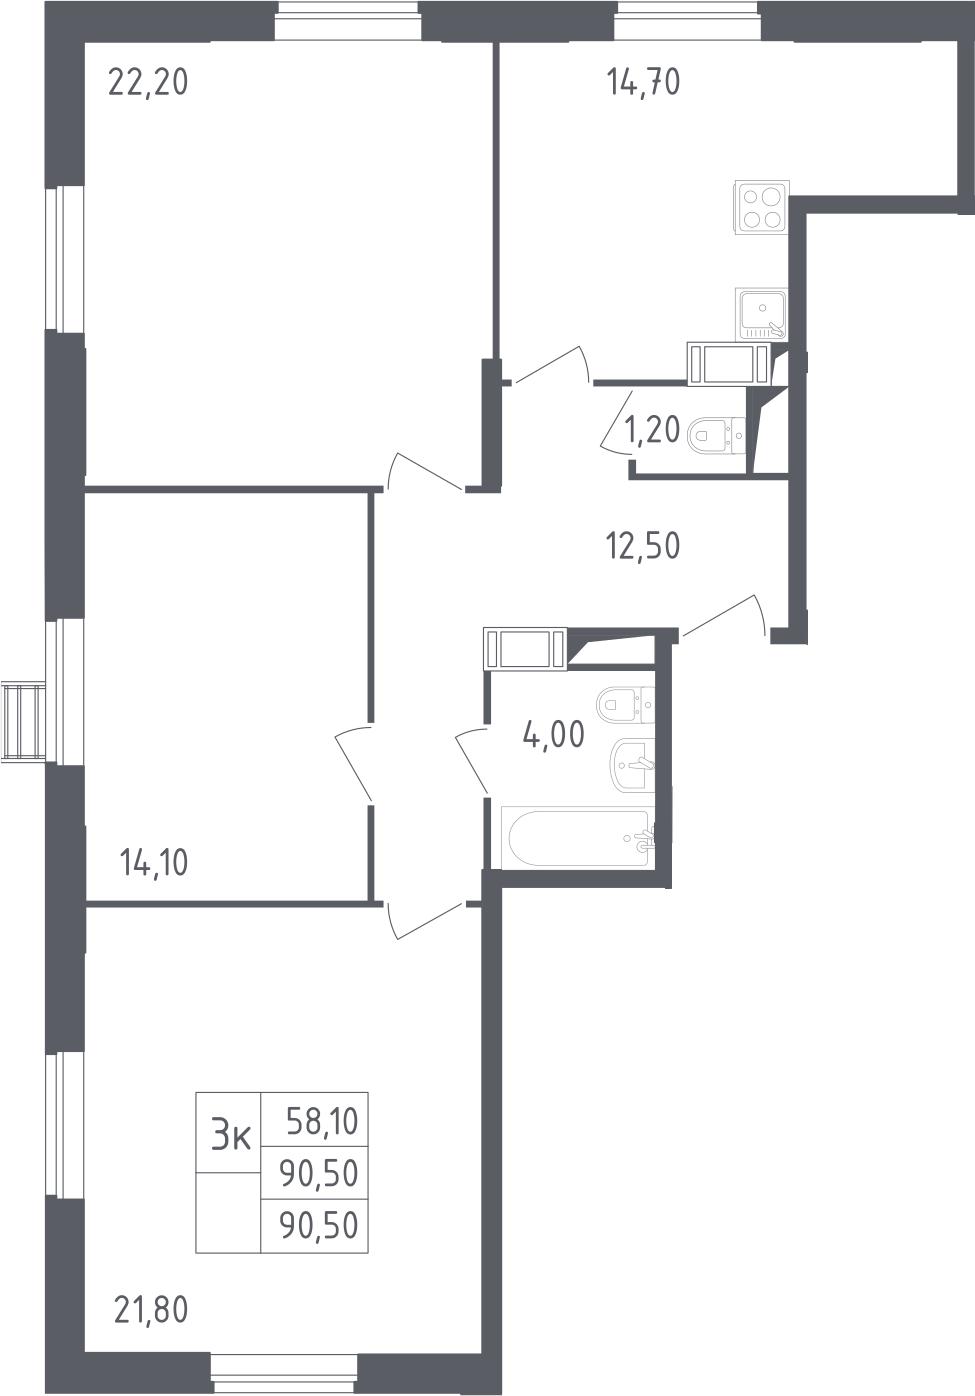 3-комнатная, 90.5 м²– 2